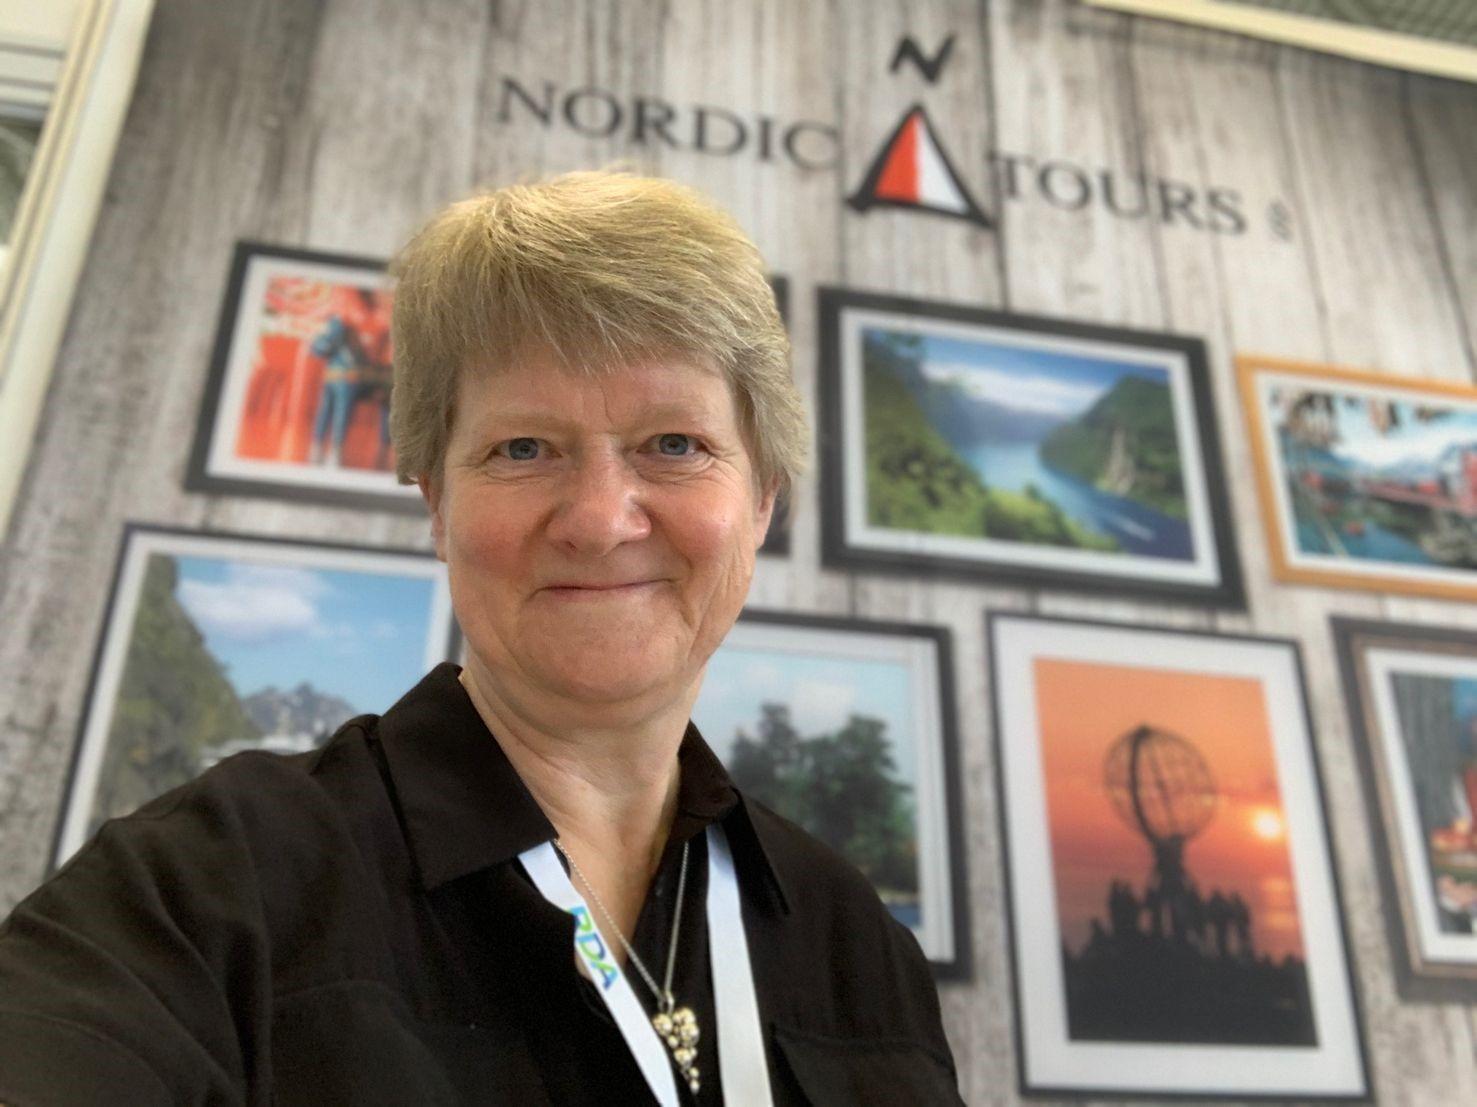 """""""Vi anbefaler vores kunder, at det kun er færdigvaccinerede eller immune gæster, de kommer med,"""" siger Nordic Tours' ejer og direktør, Hanne Mikkelsen, der her er på sidste uges busrejsemesse i Køln. Foto: Nordic Tours."""